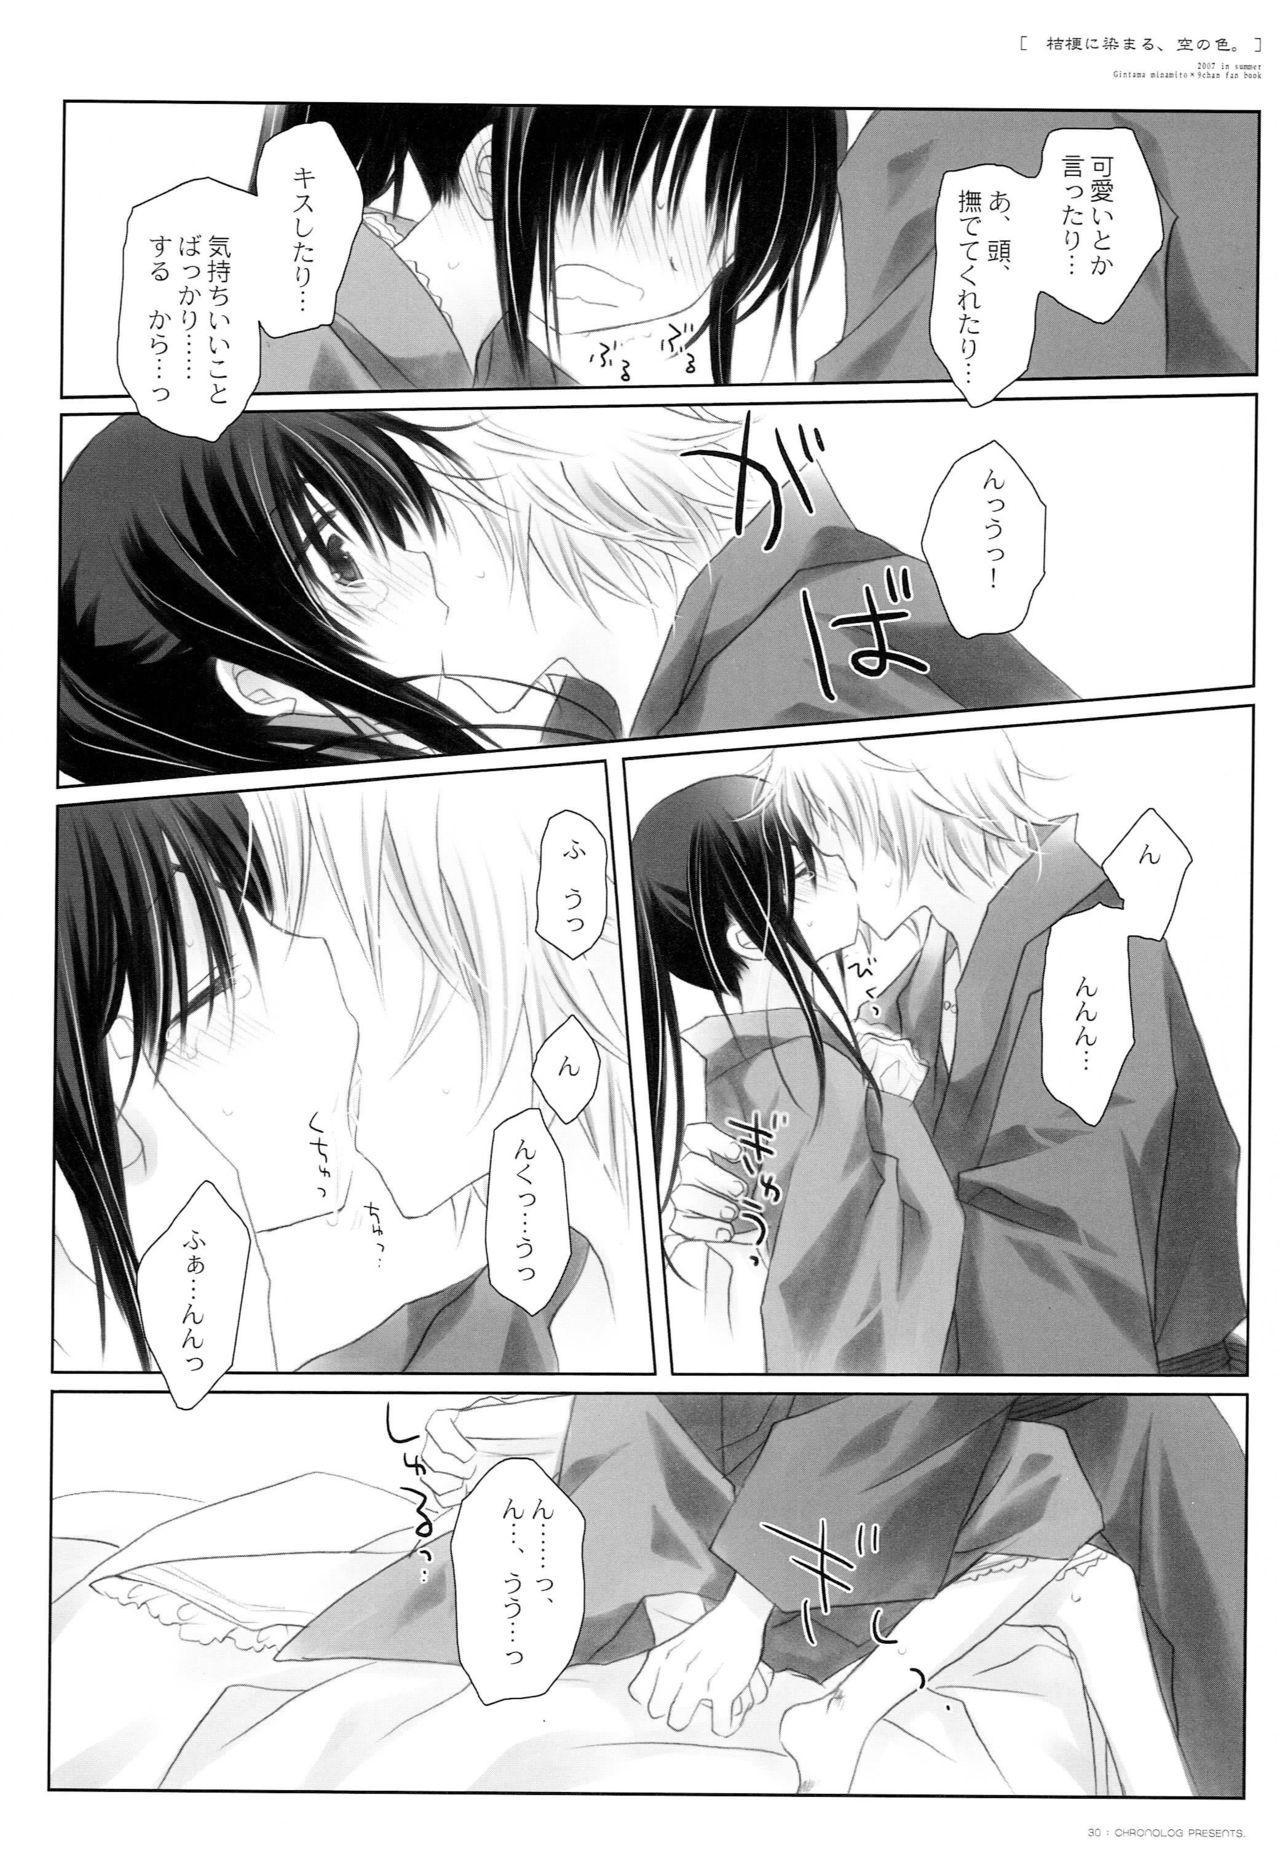 Kikyou ni Somaru Sora no Iro 28